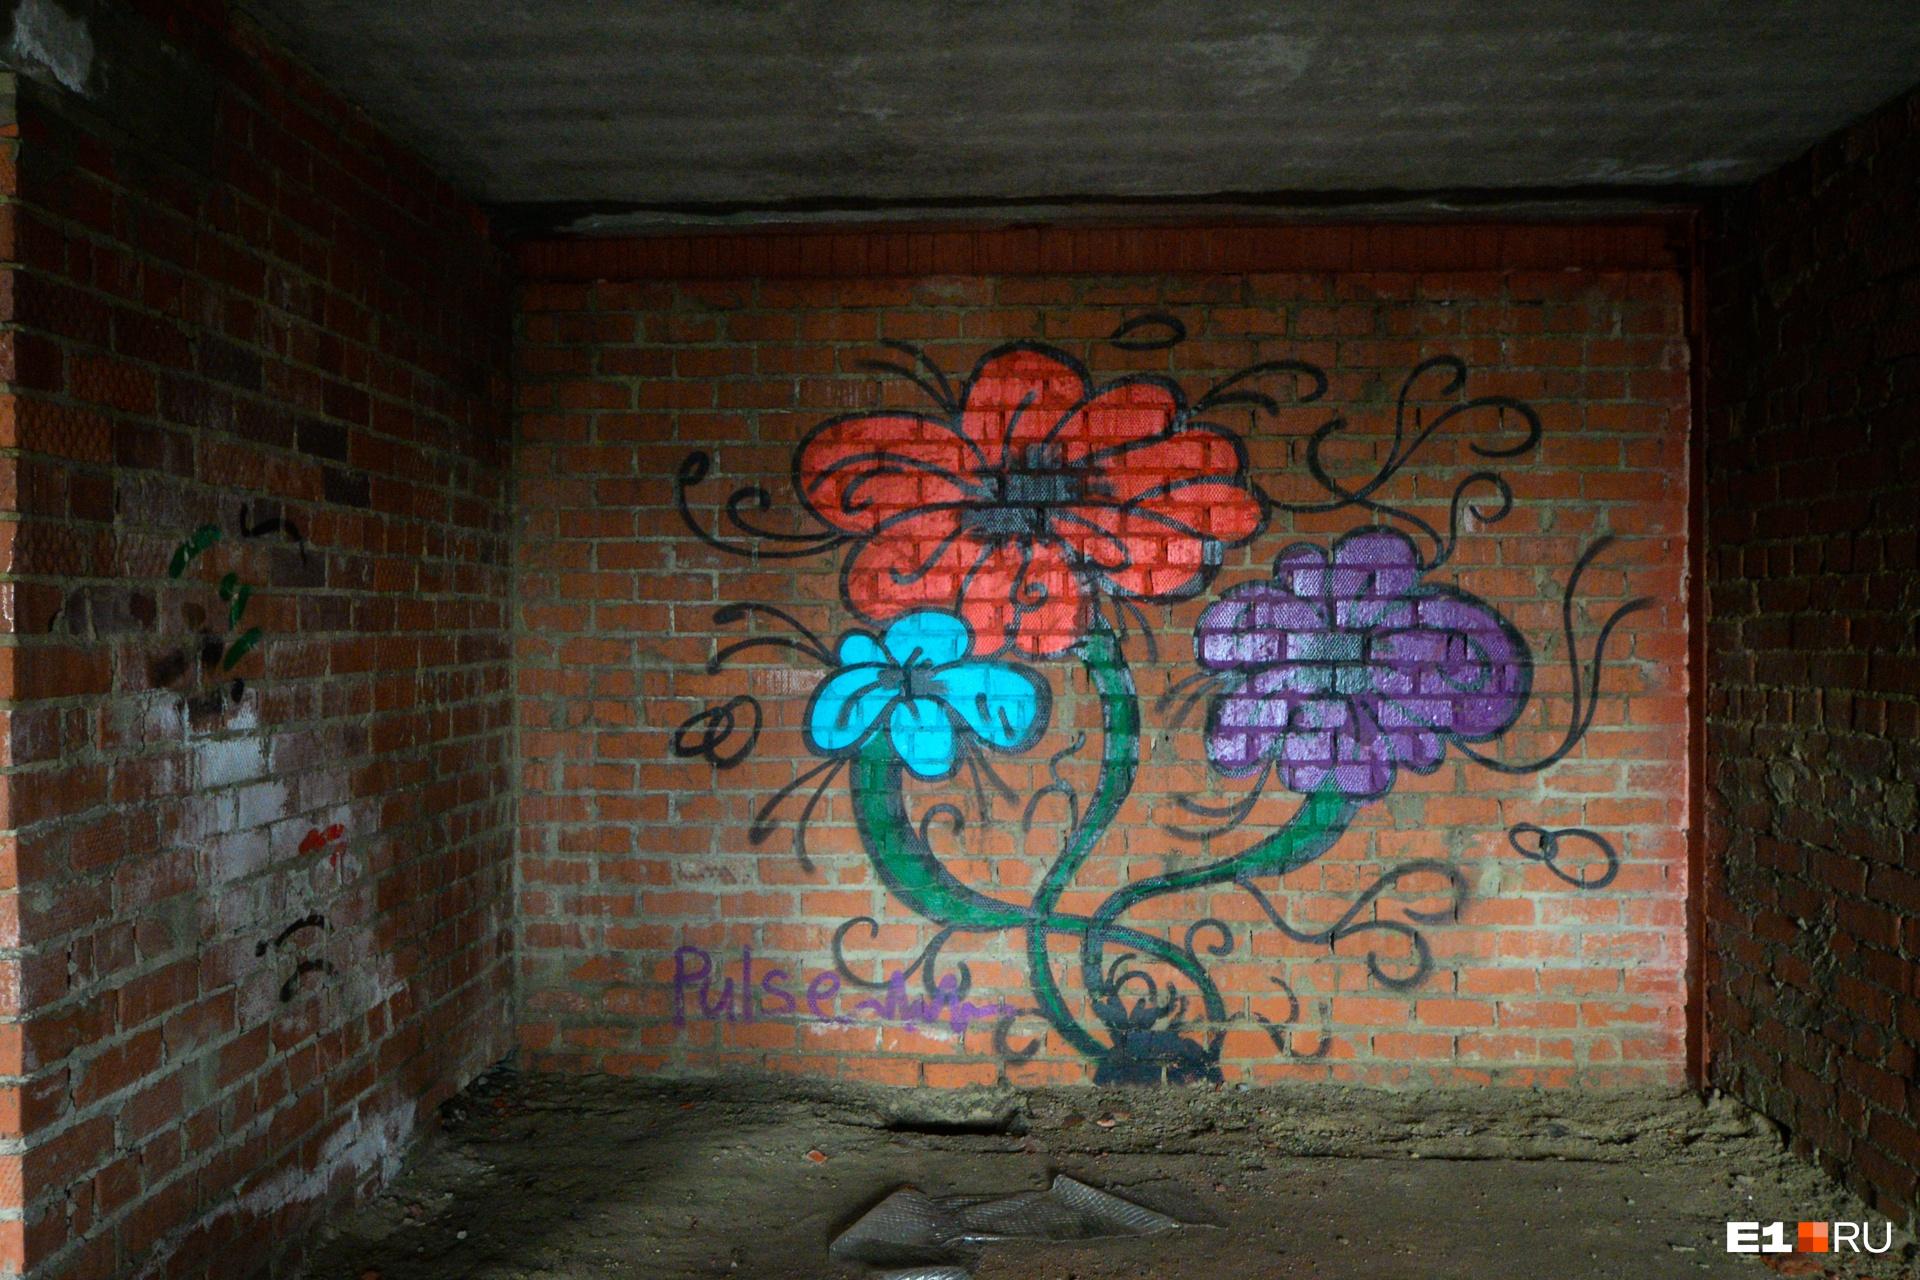 Одно из двух граффити, что мы увидели